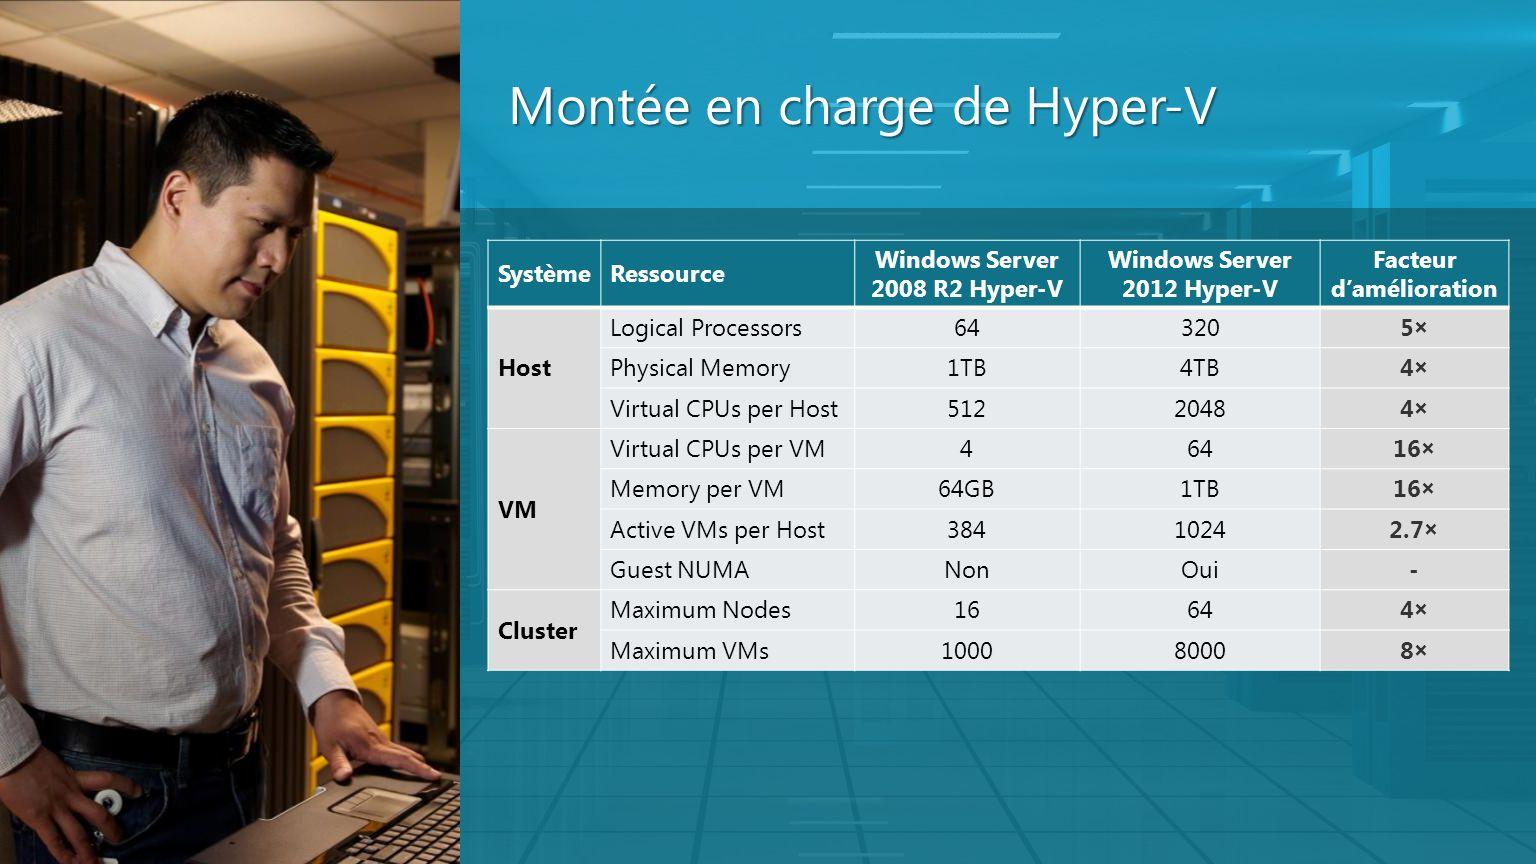 Montée en charge de Hyper-V SystèmeRessource Windows Server 2008 R2 Hyper-V Windows Server 2012 Hyper-V Facteur damélioration Host Logical Processors6